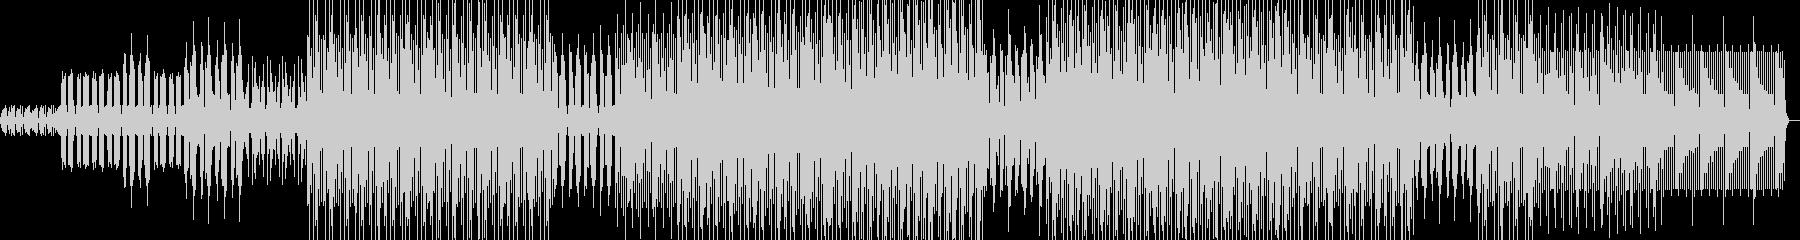 ループハウスの未再生の波形